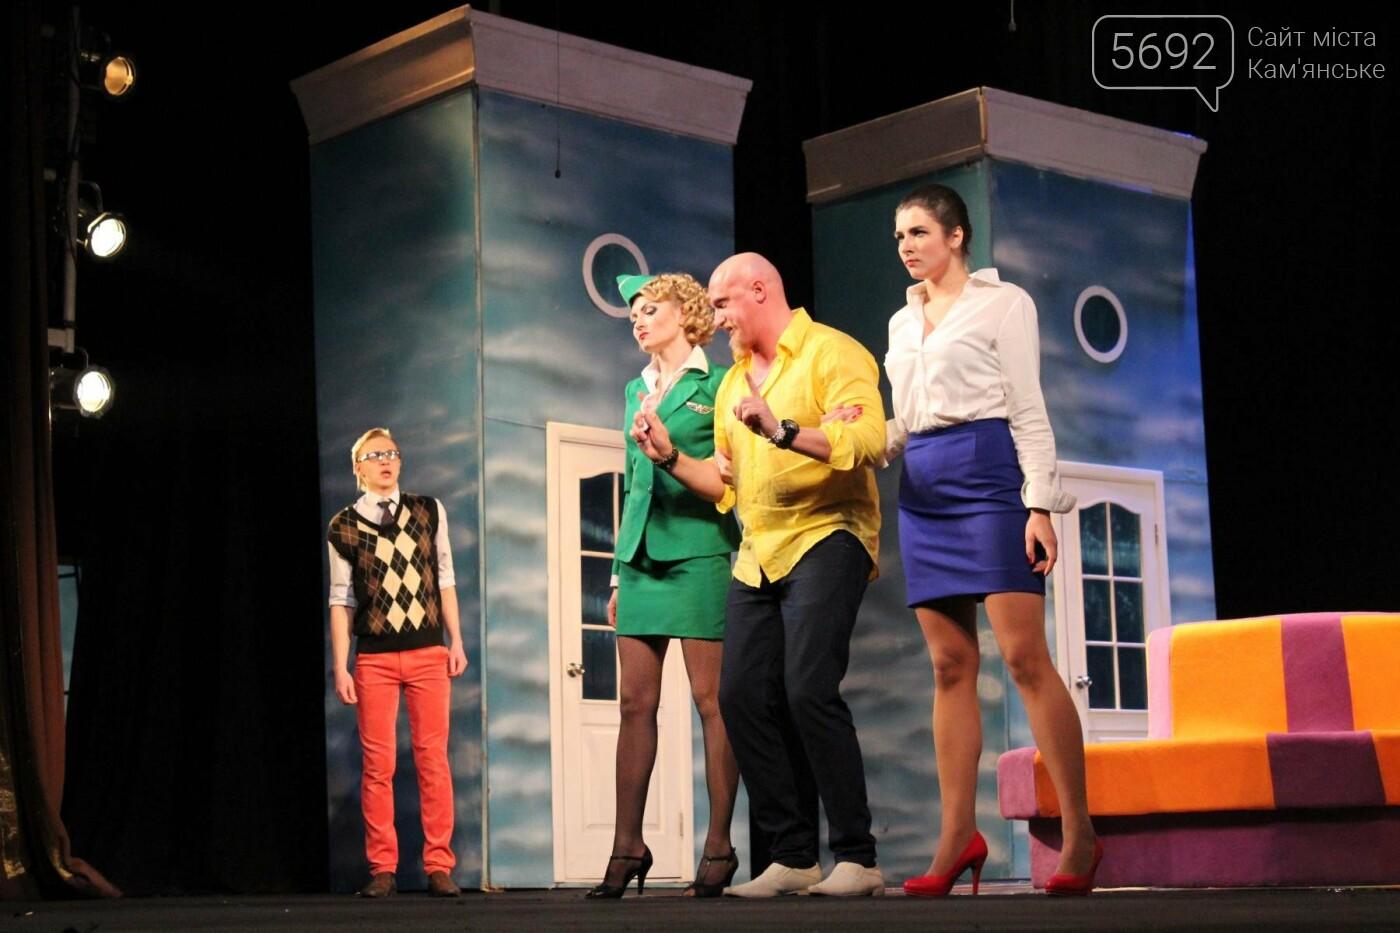 В театре Каменского показали «Улетную любовь» , фото-6